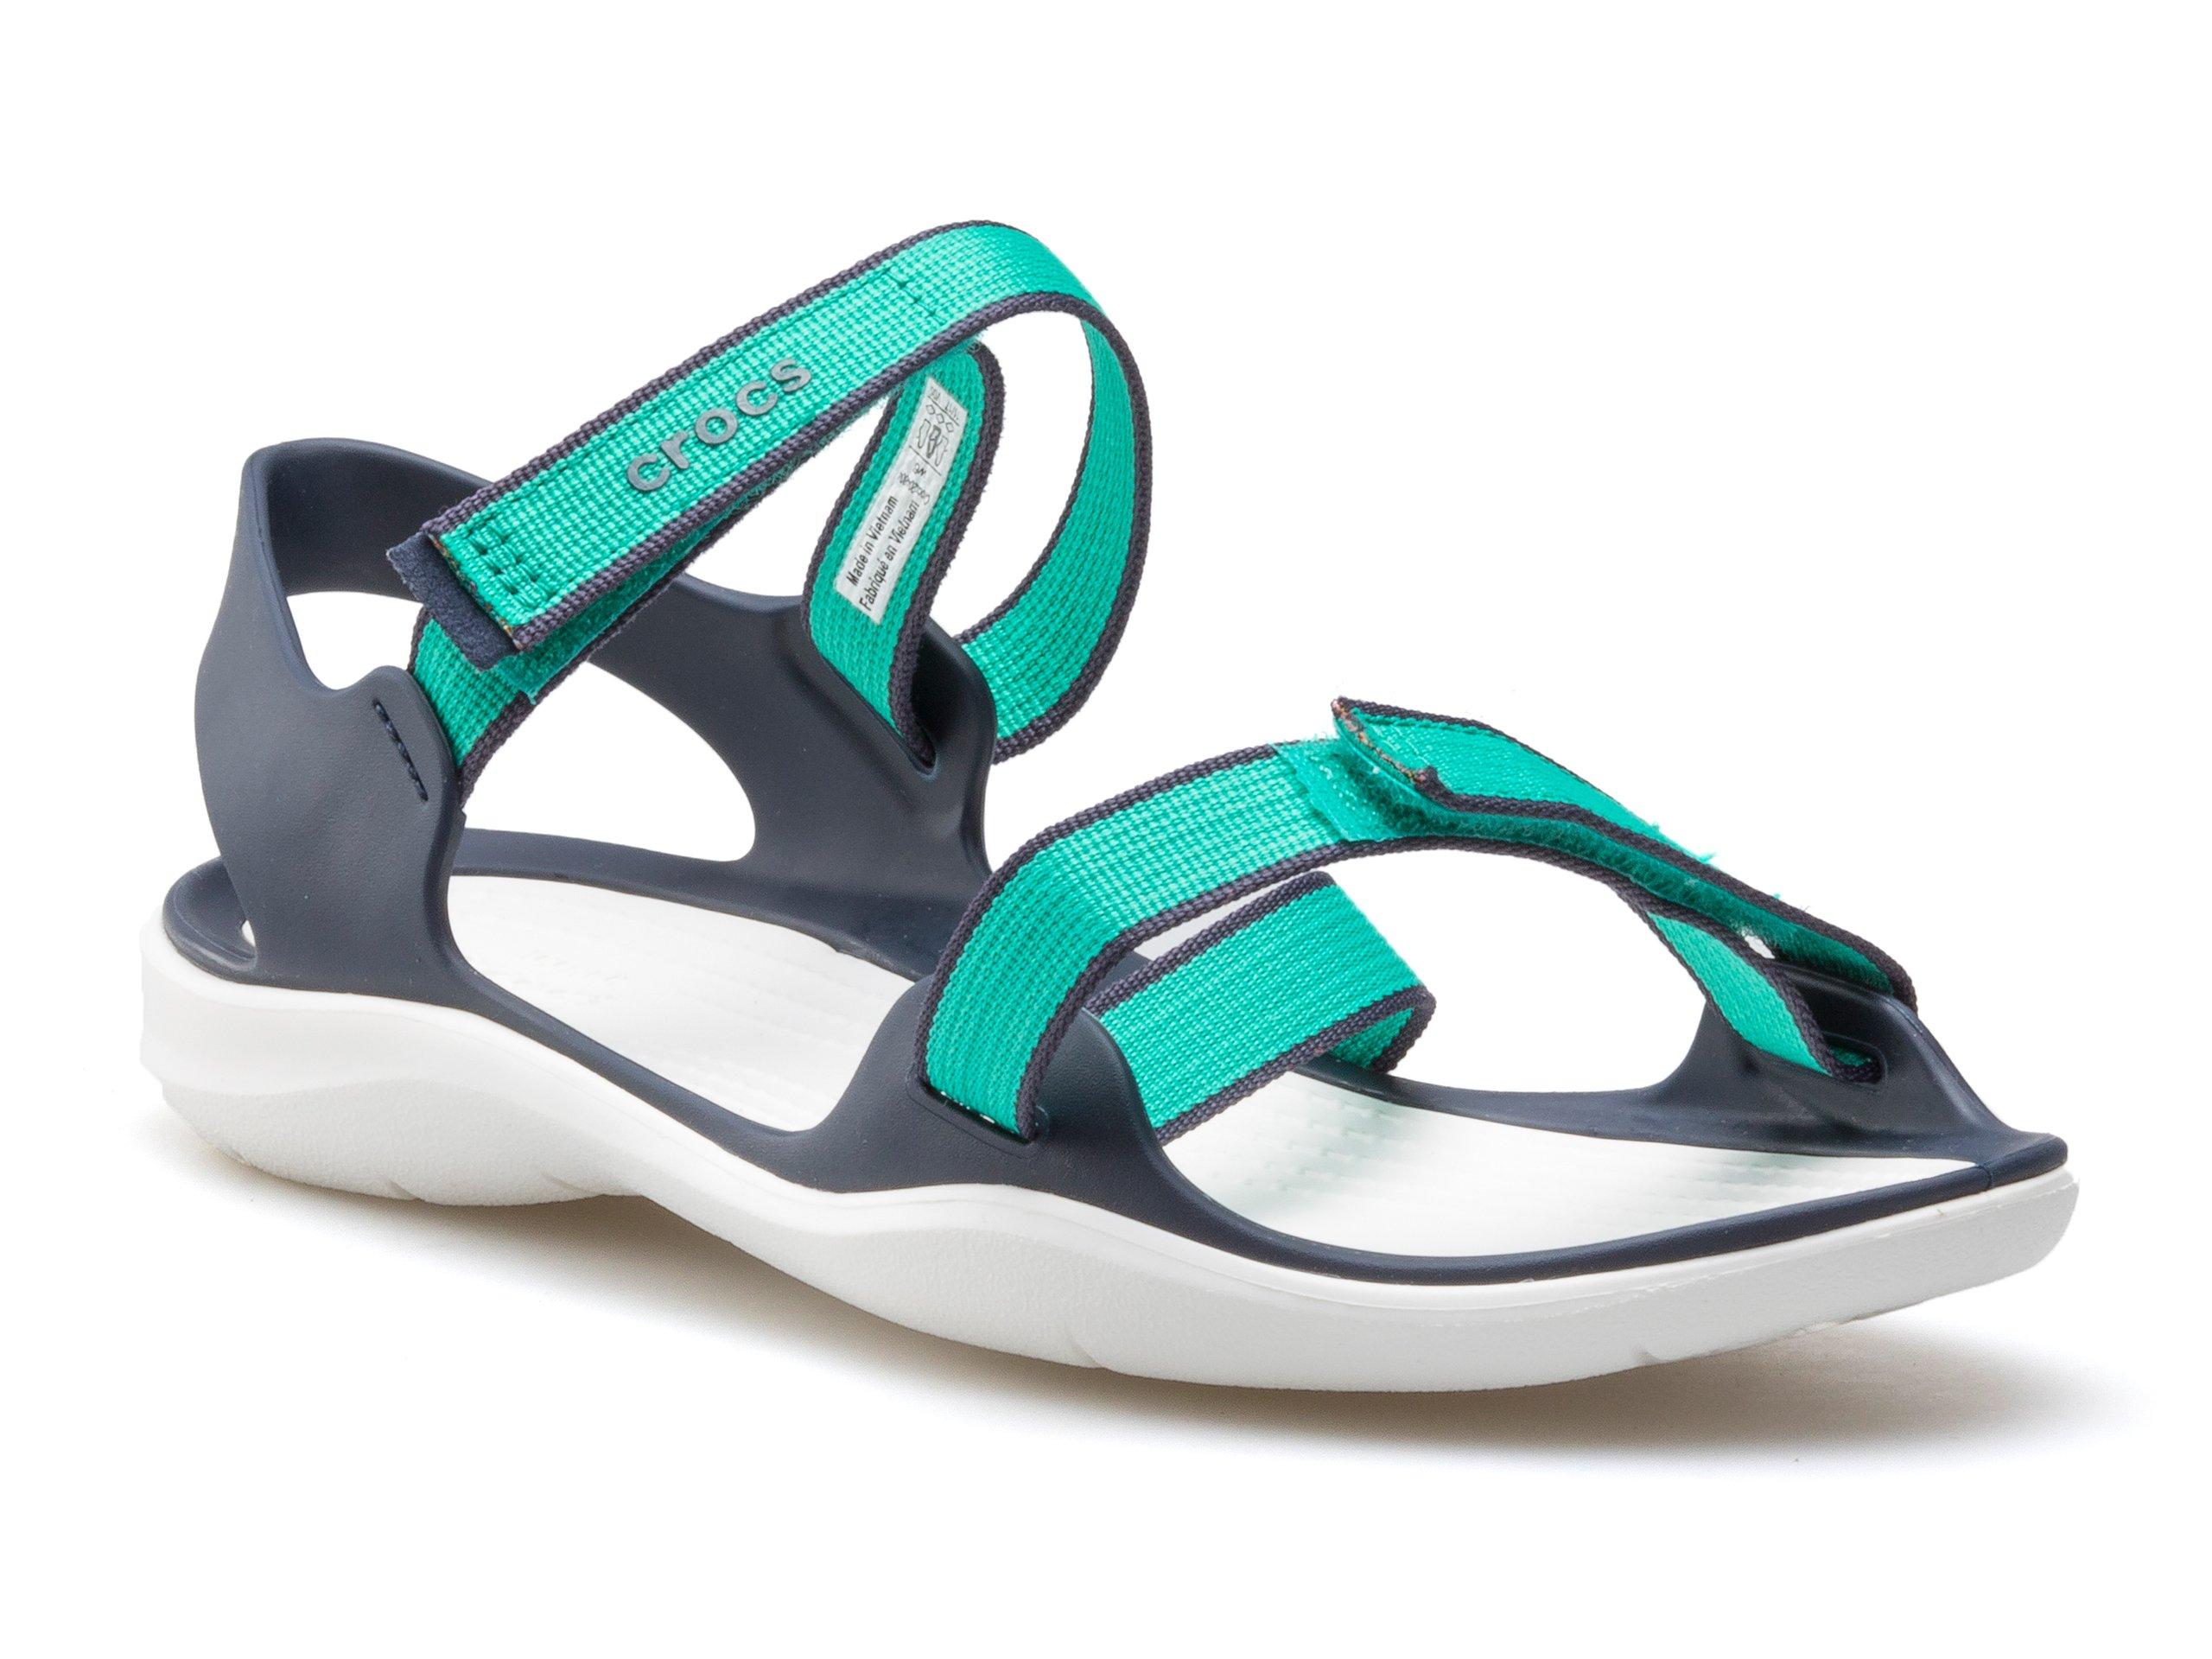 outlet na sprzedaż Kup online ujęcia stóp Sandały Crocs Swiftwater 204804-3N9 r. 41-42 - 7302463182 ...